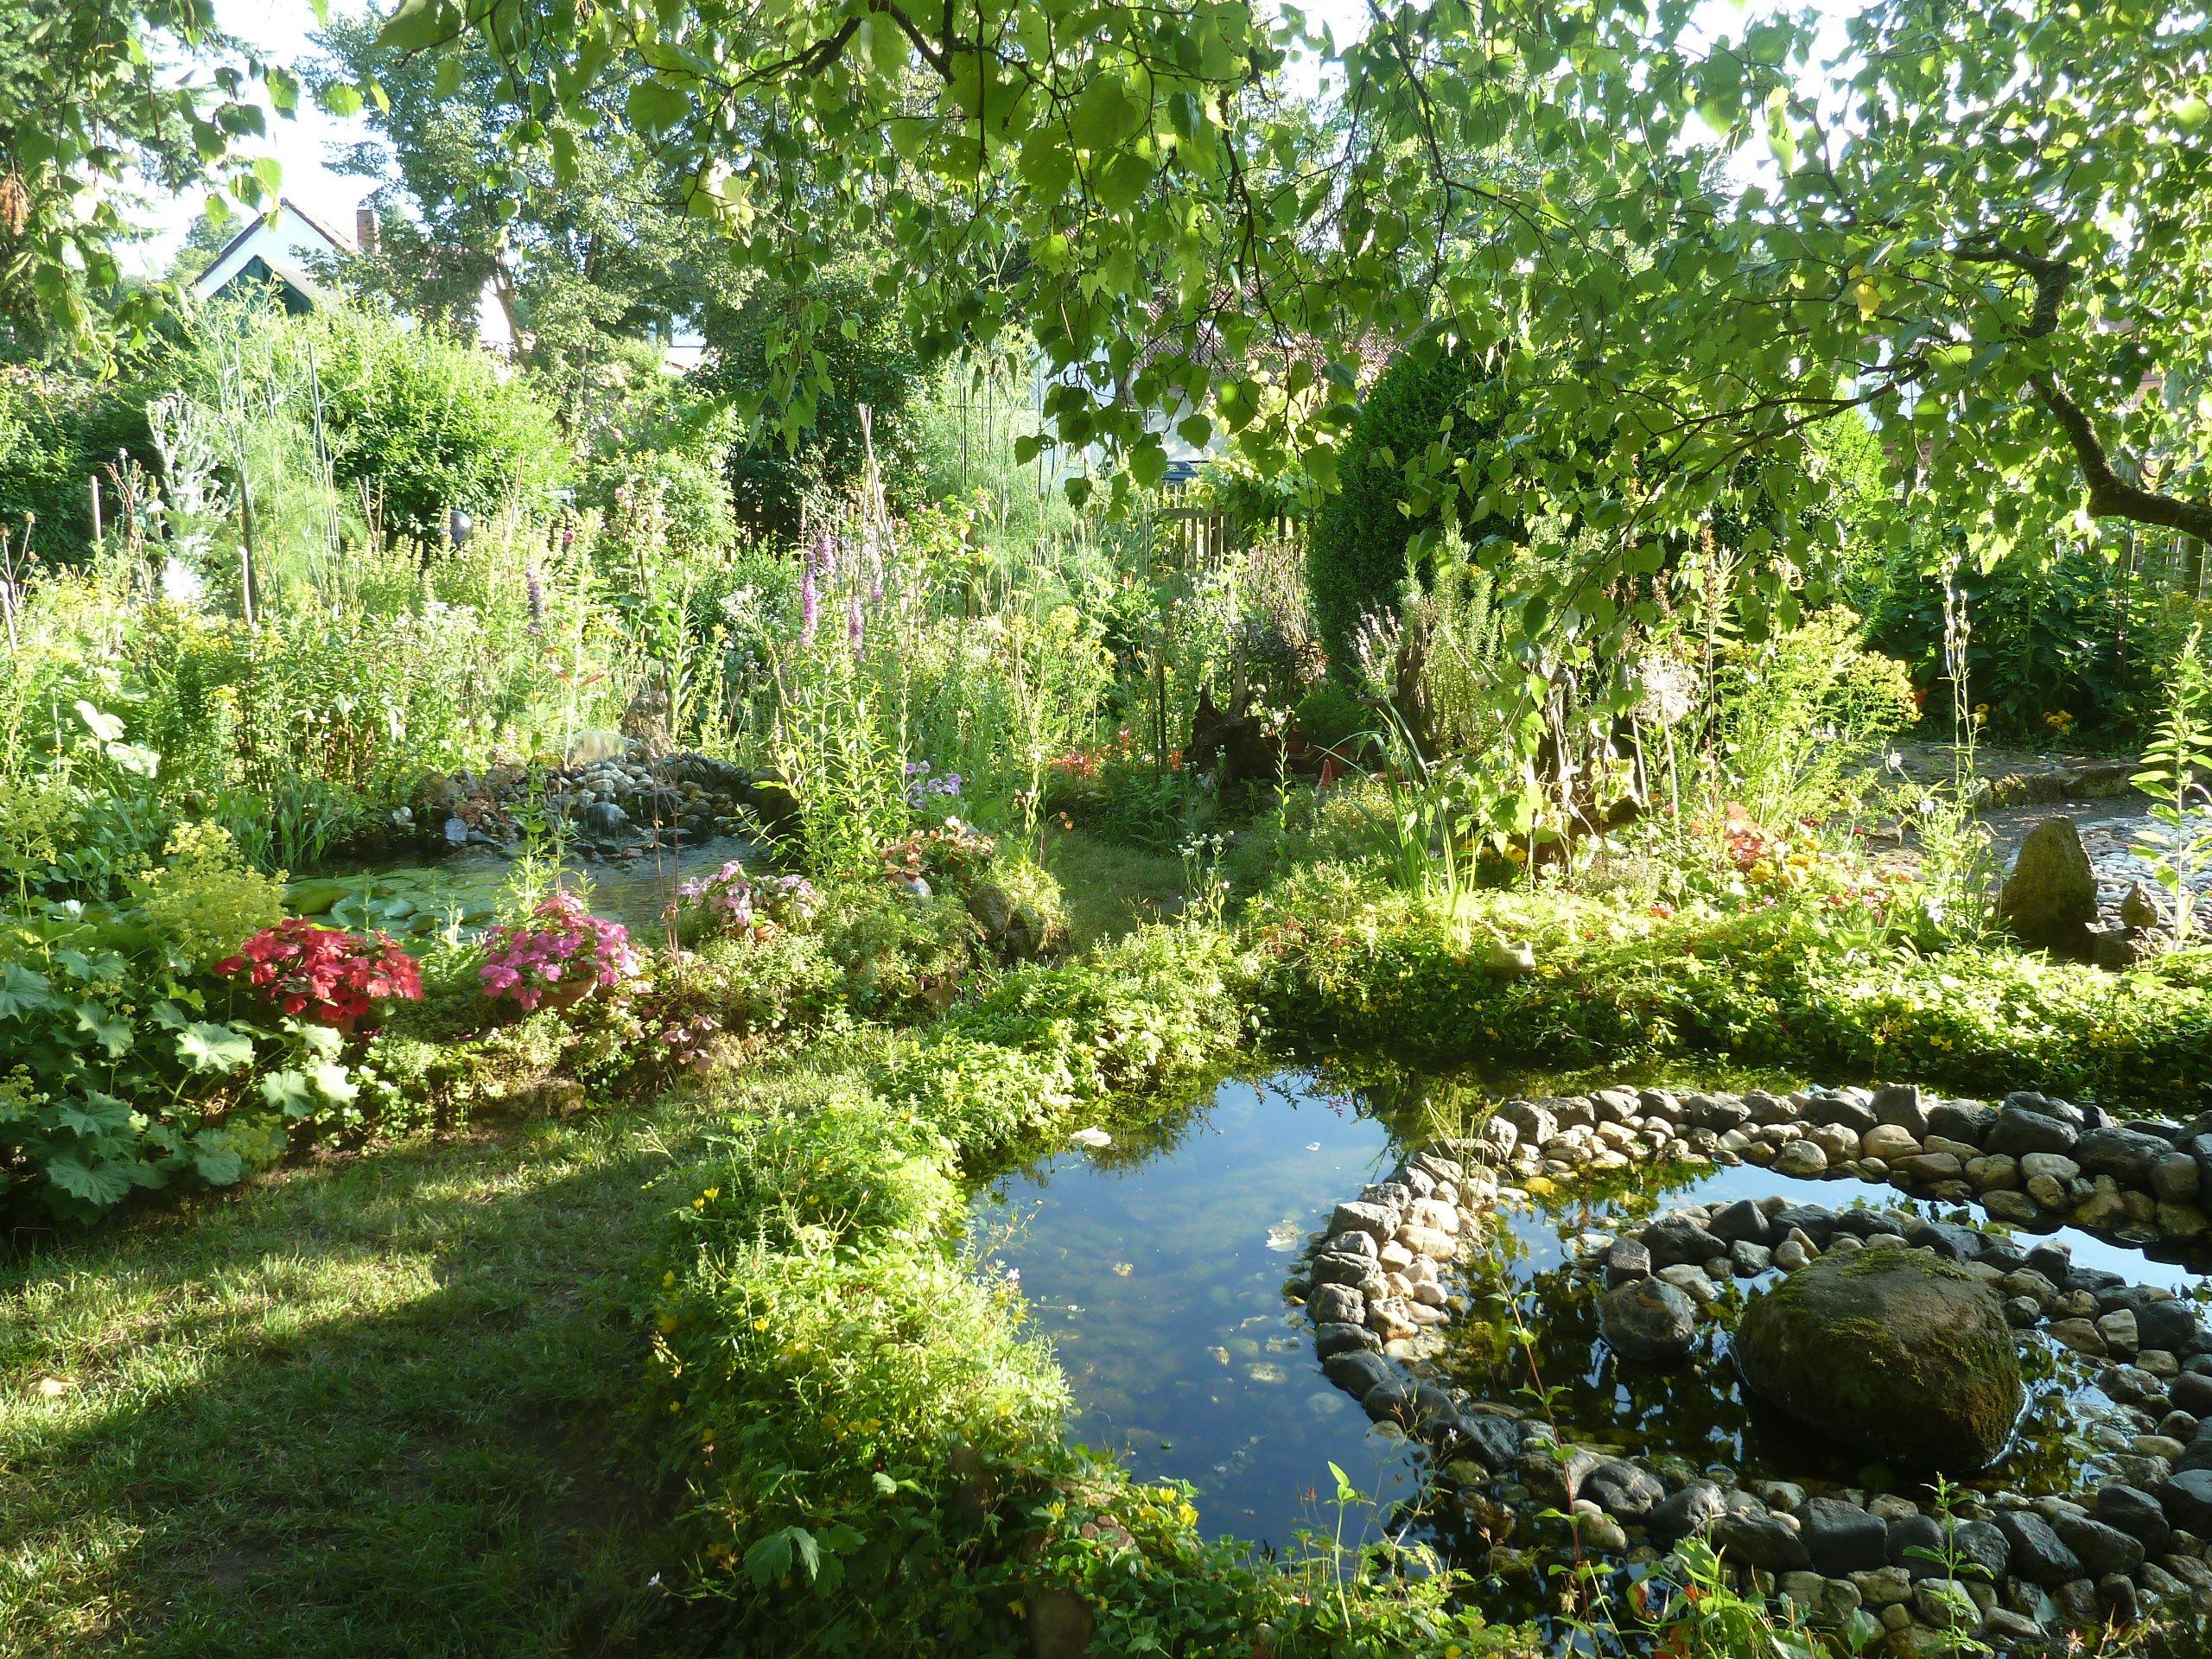 Wettbewerb Natur Im Garten Outdoor Outdoor Decor Places